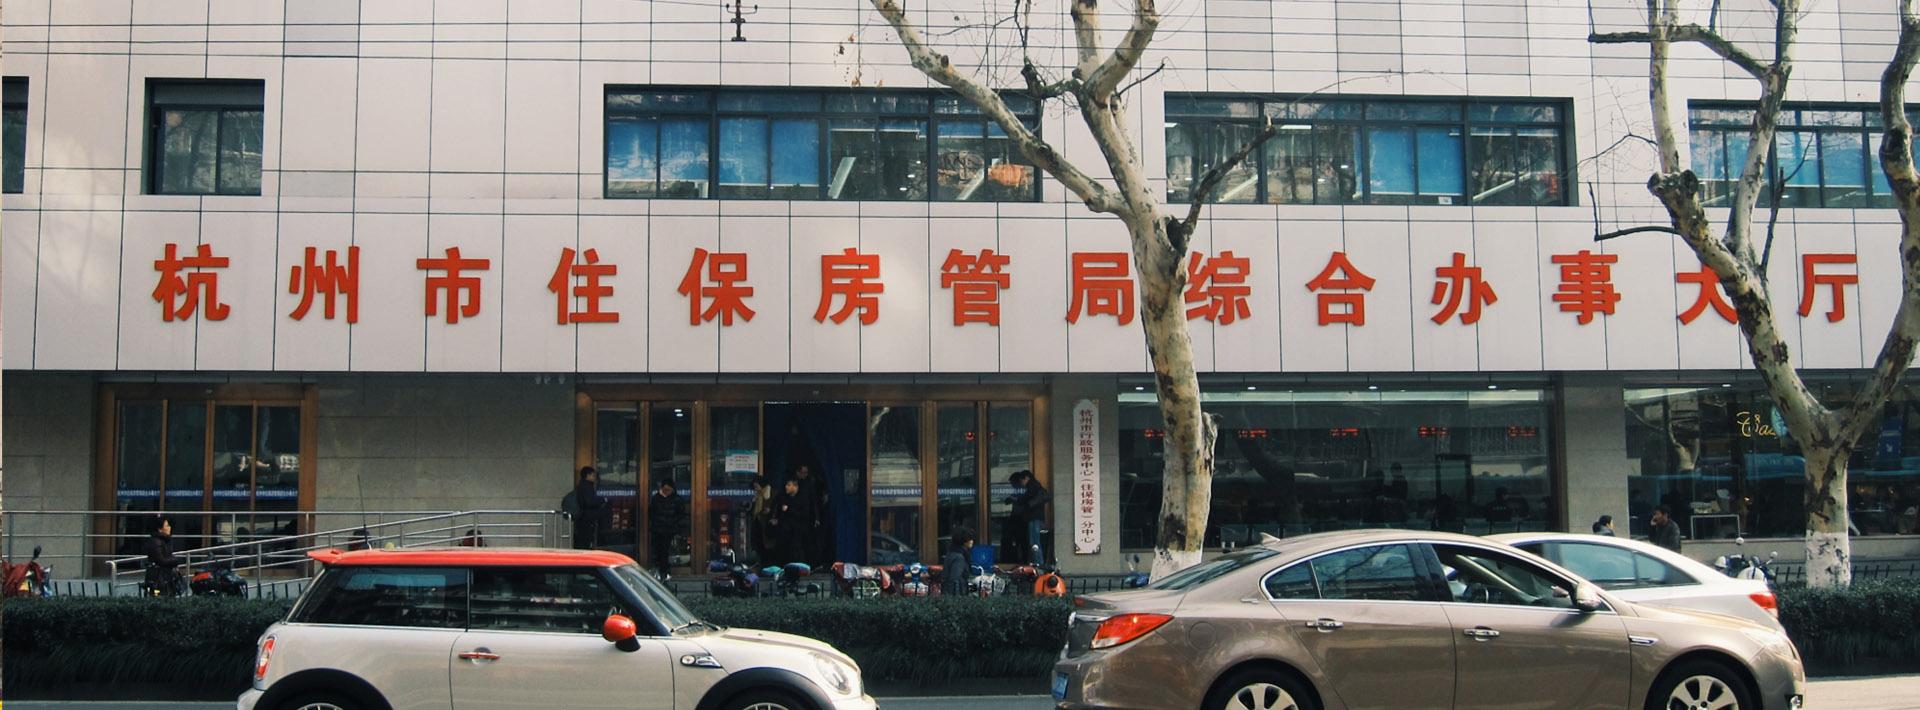 杭州市住保房管局办事大厅装修